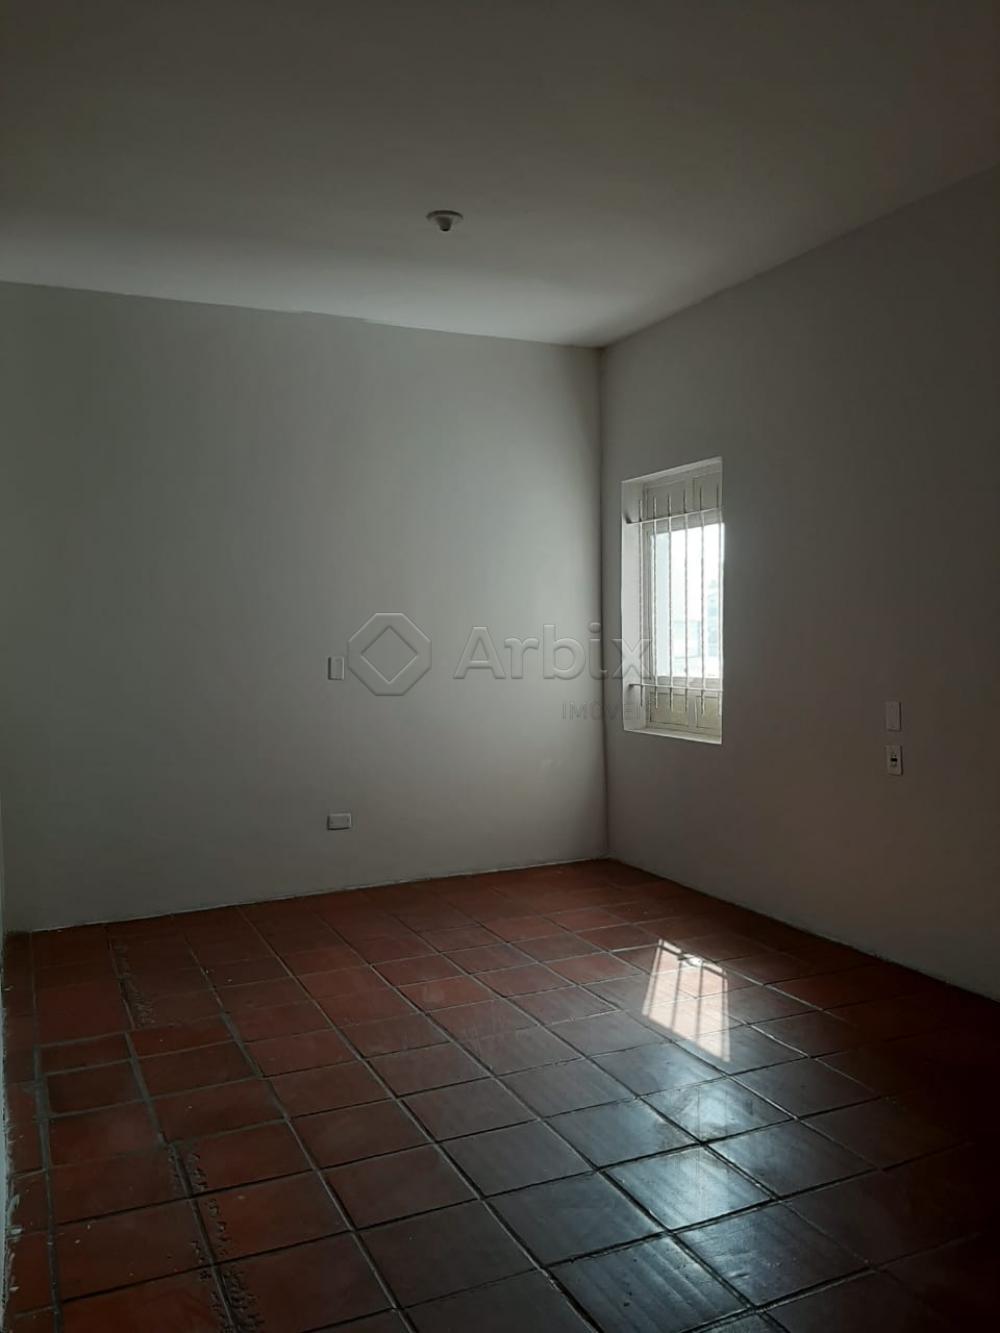 Alugar Comercial / Casa Comercial em Americana apenas R$ 2.600,00 - Foto 13